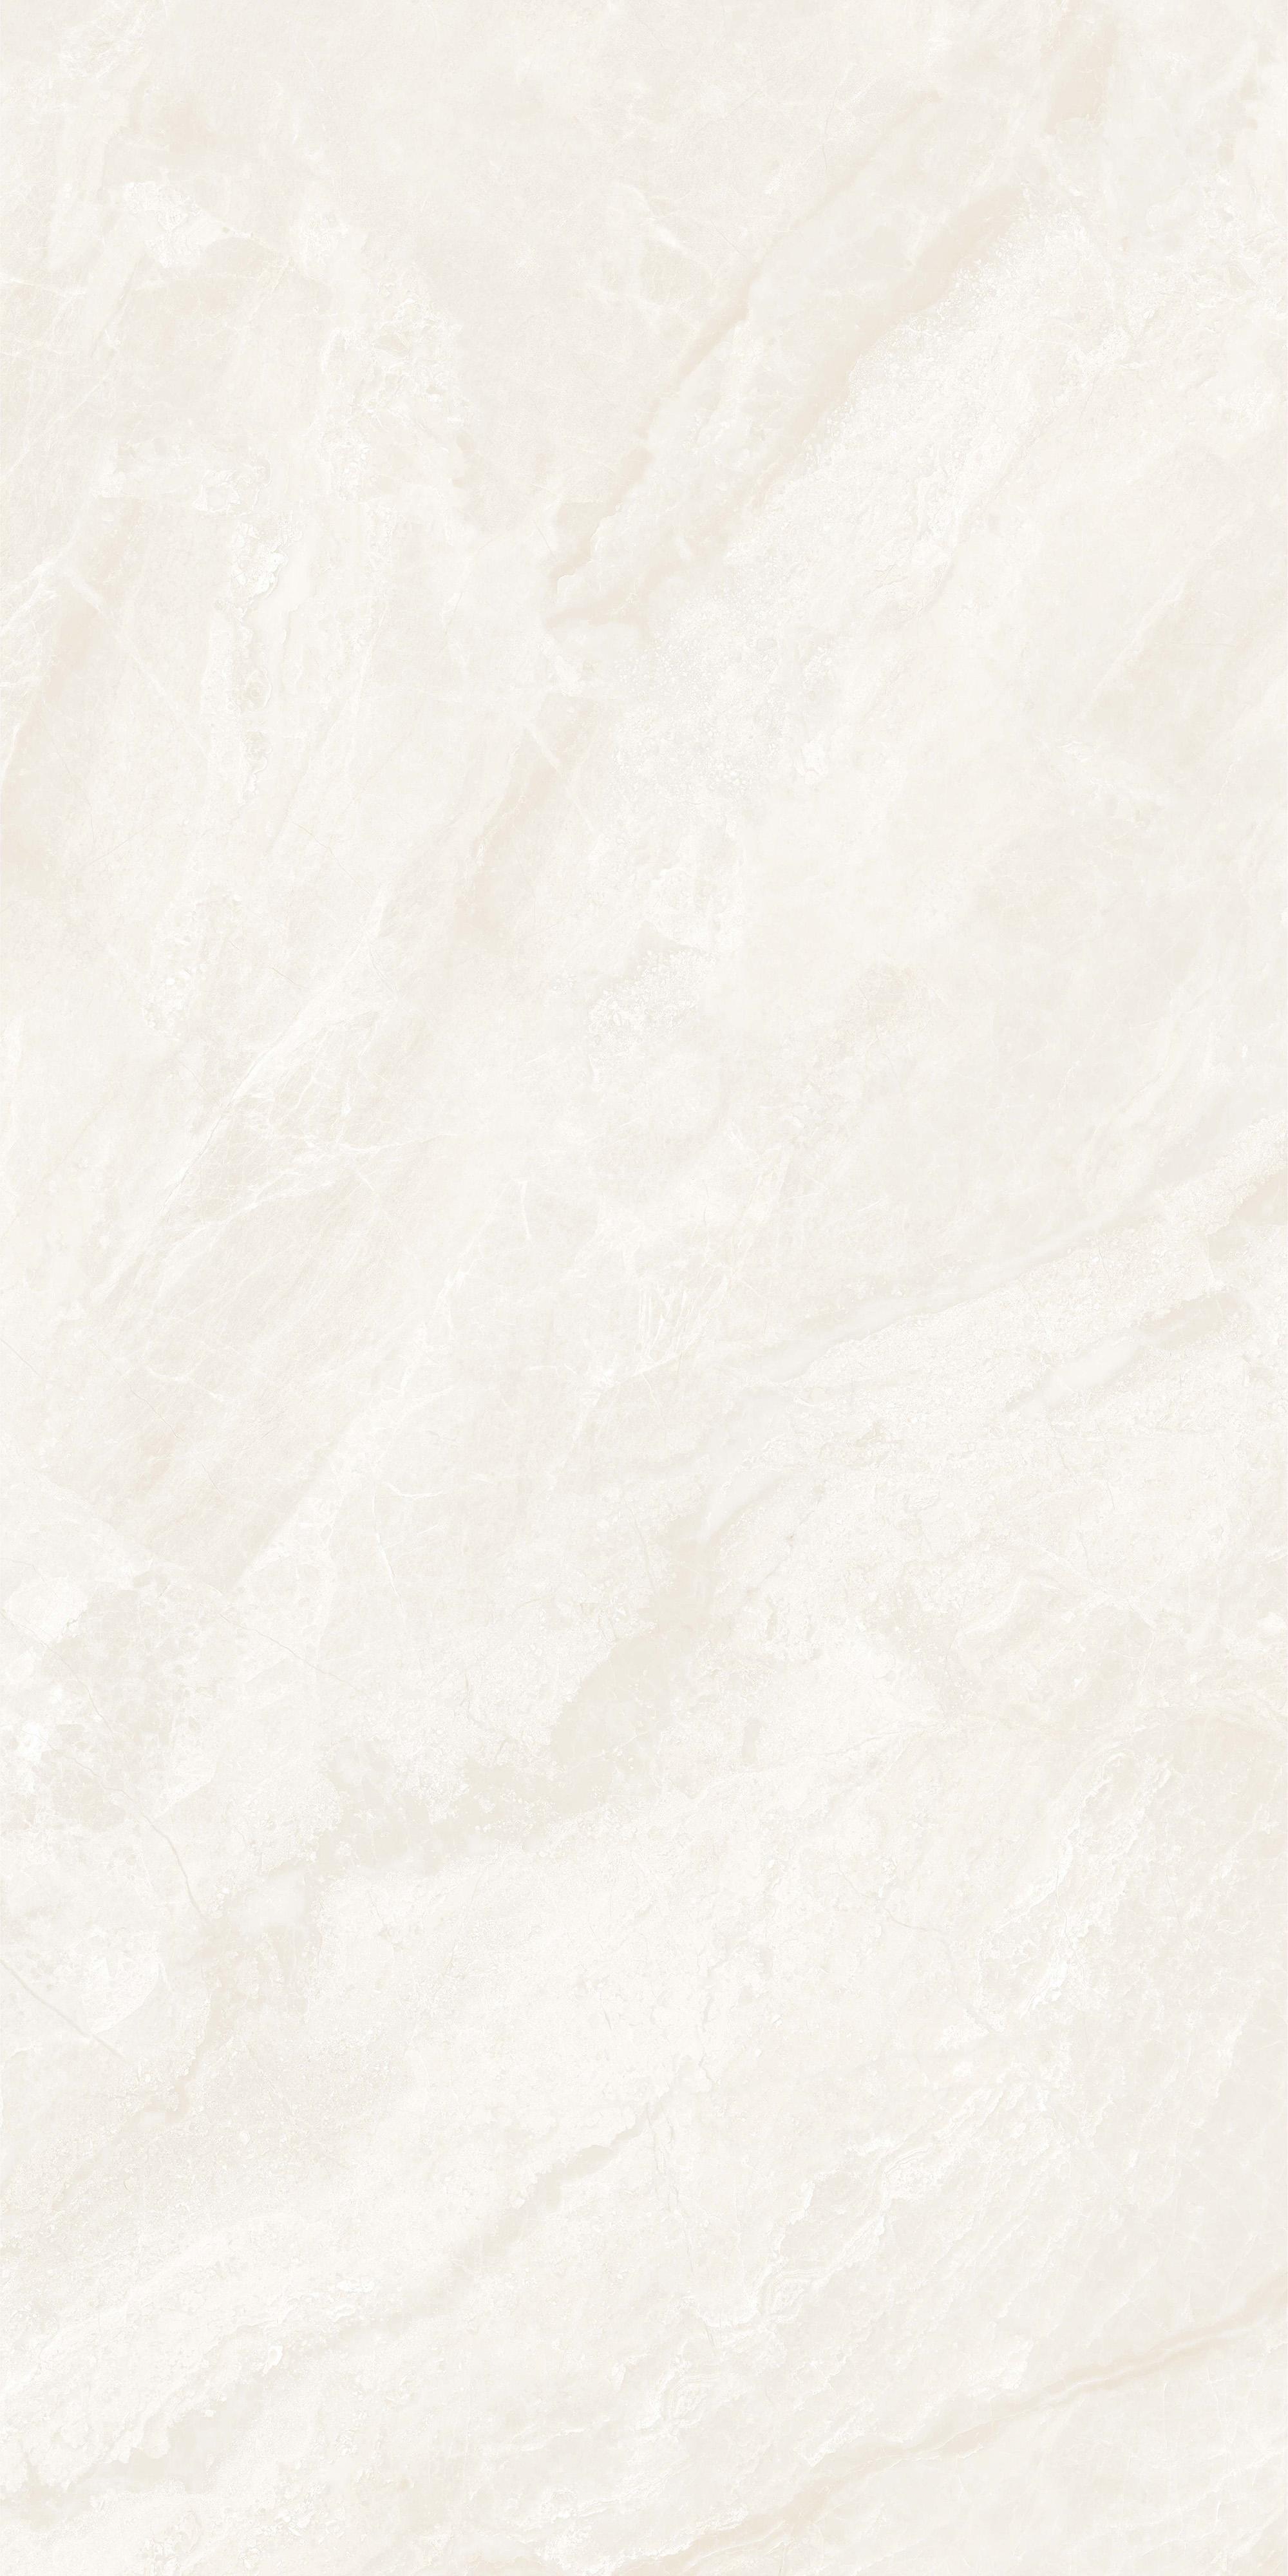 米白韵HPGM157017,750x1500mm